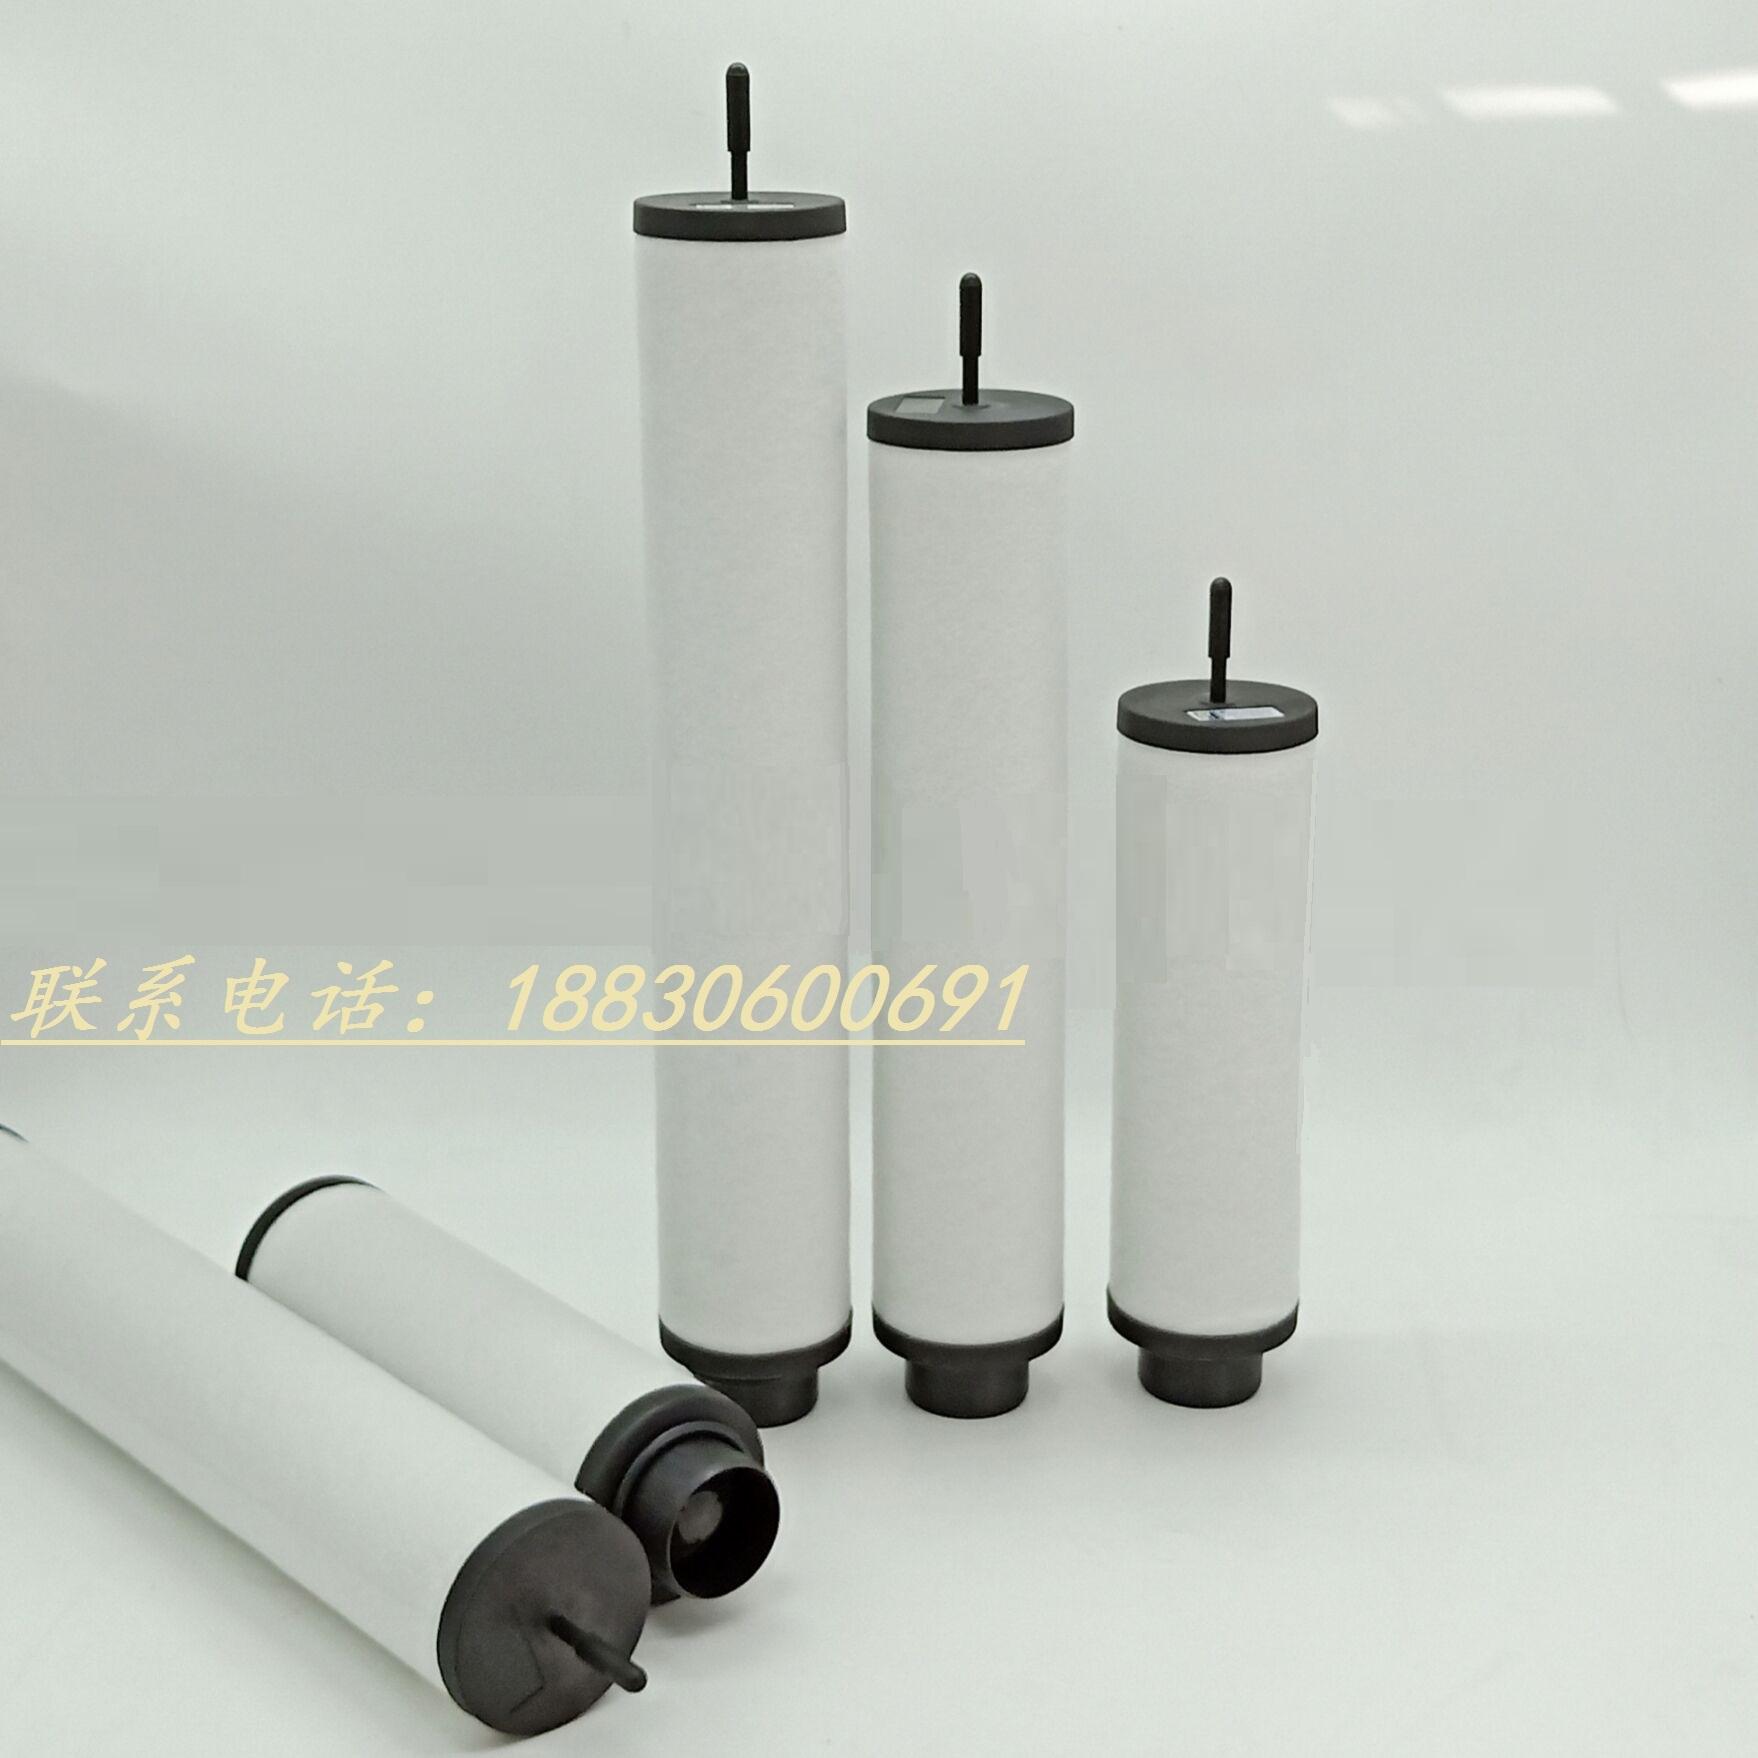 中德真空泵油雾分离器ZD7180011,ZD7180021